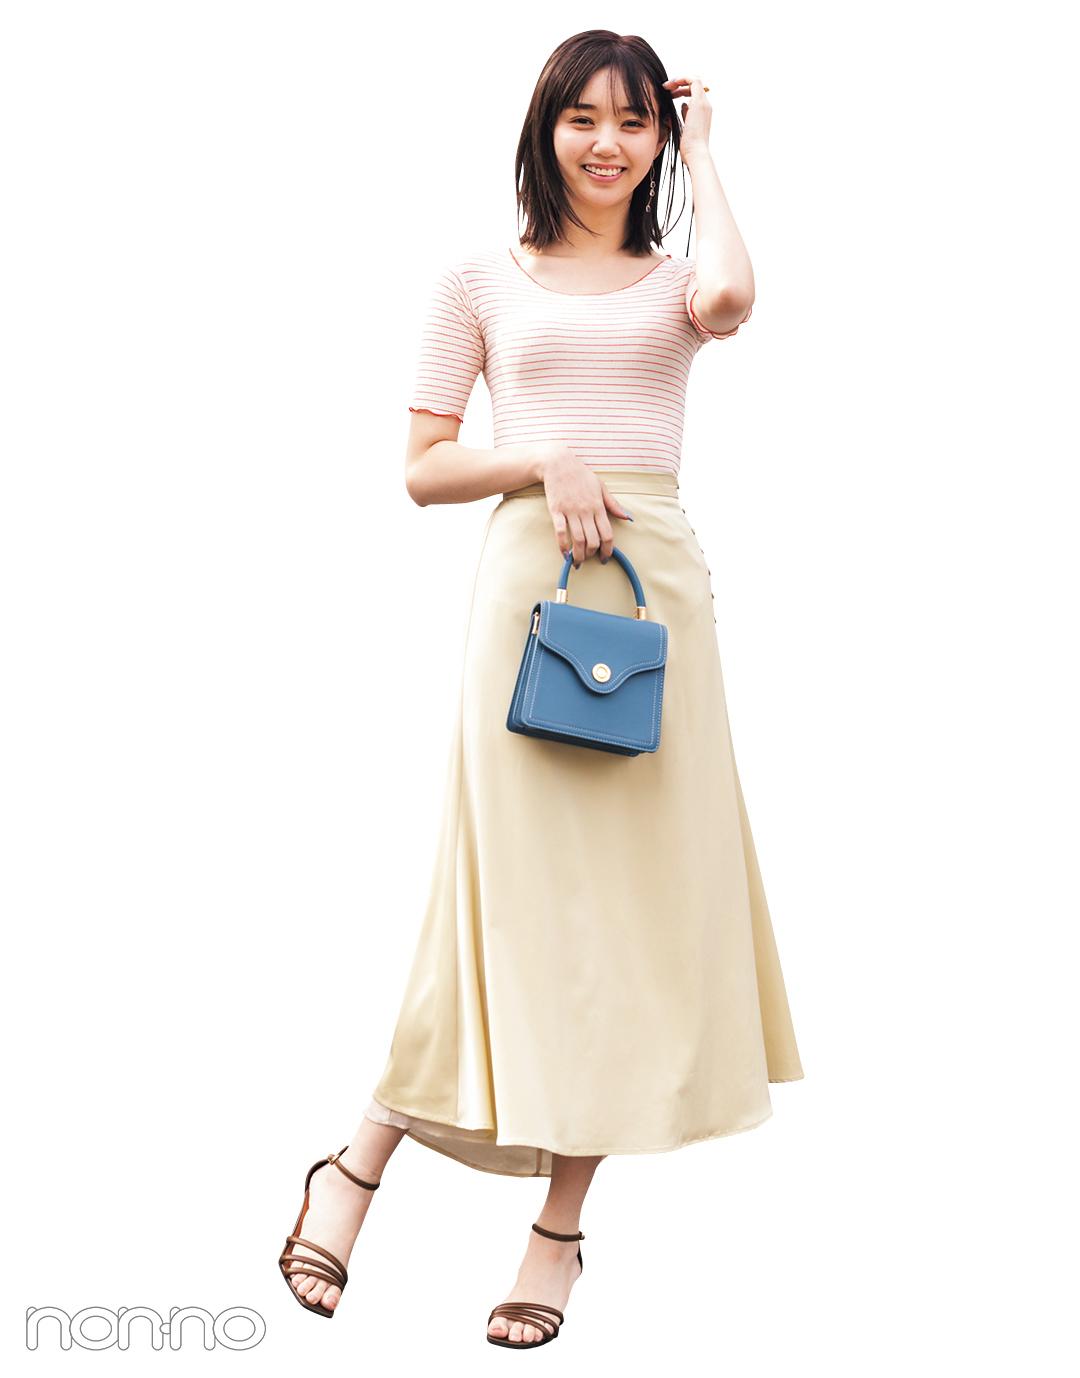 江野沢愛美が着るスタイルアップするJOURNAL STANDARD relumeのピタTシャツコーデ22